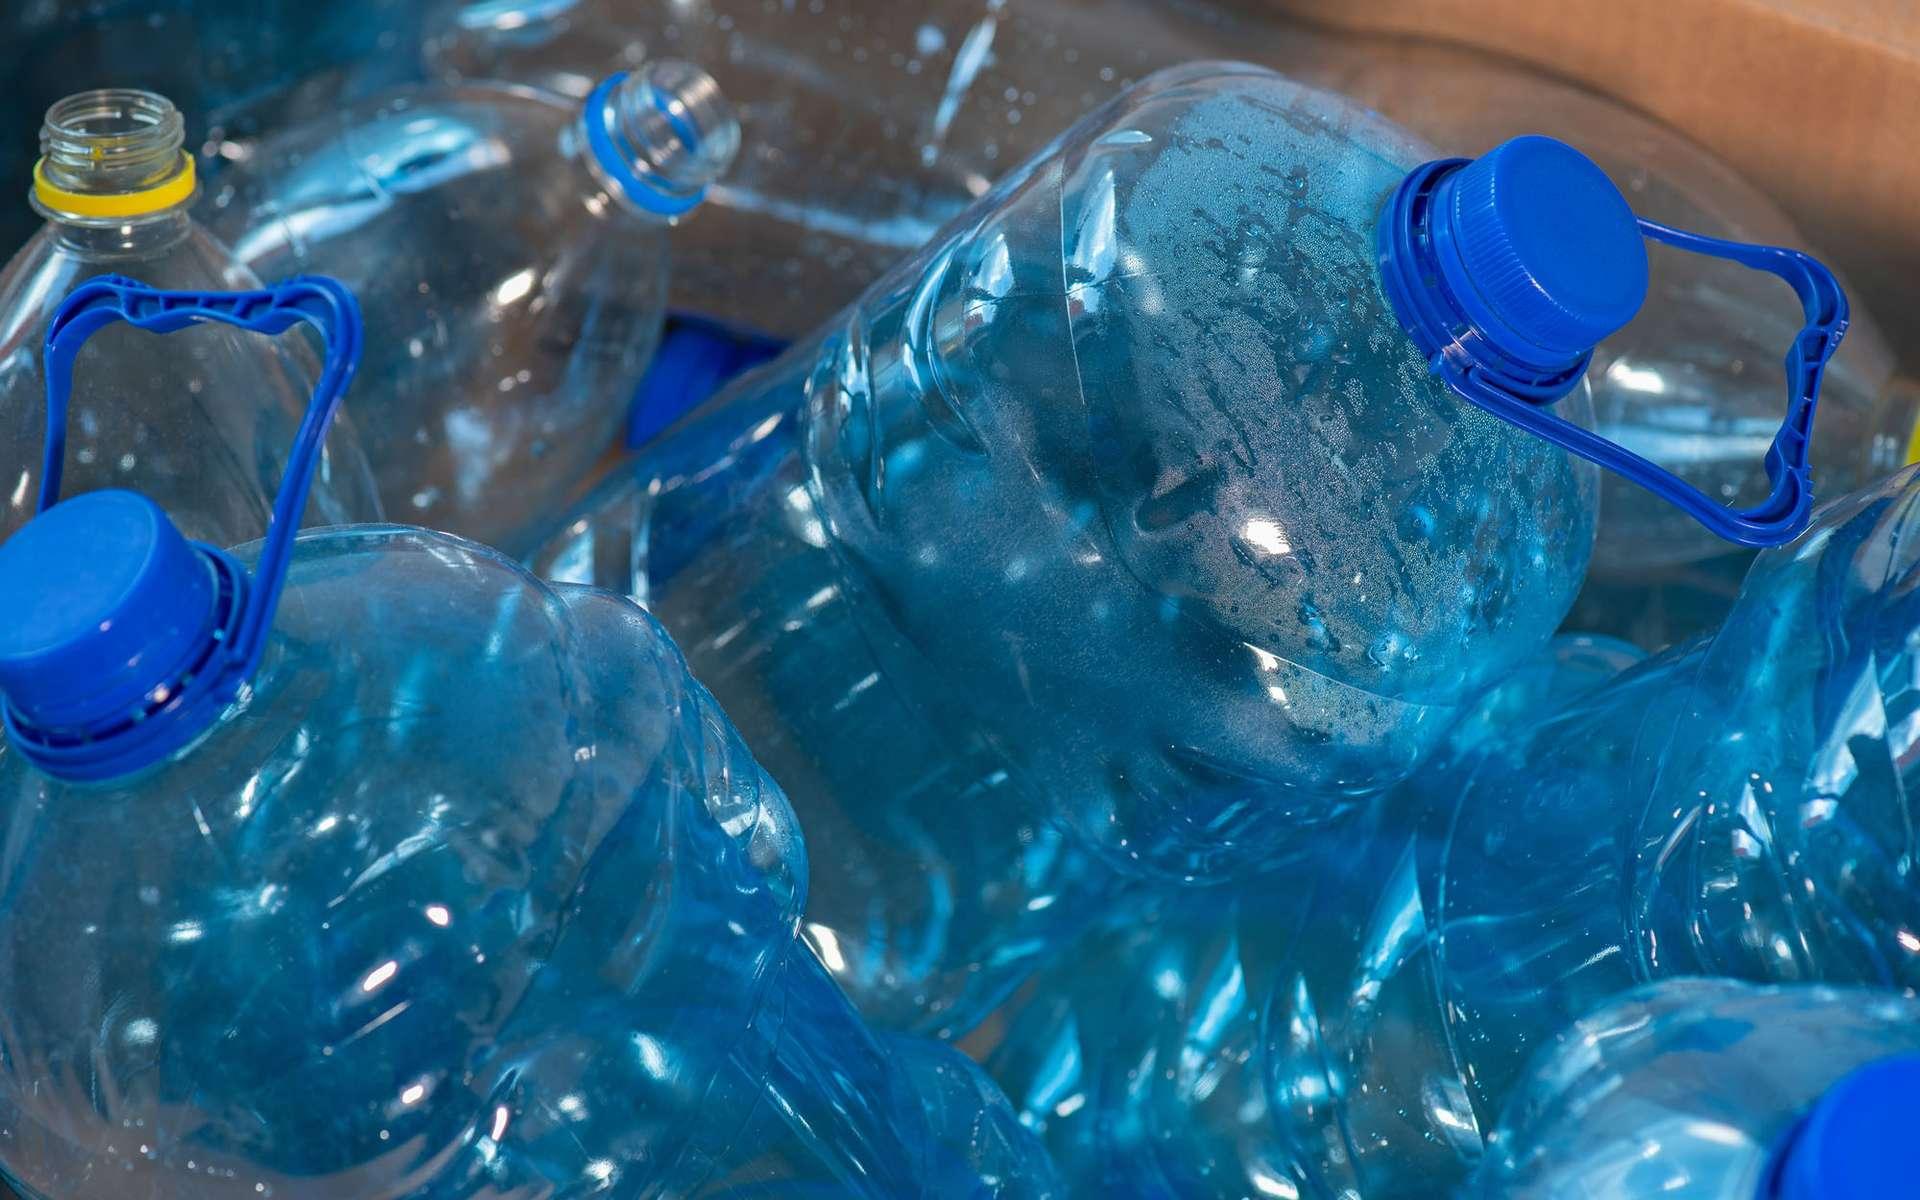 Le PET (polytéréphtalate d'éthylène) est l'un des plastiques les plus utilisés dans le monde, notamment pour la fabrication de bouteilles et de fibres polyester. © DenisNata, Adobe Stock